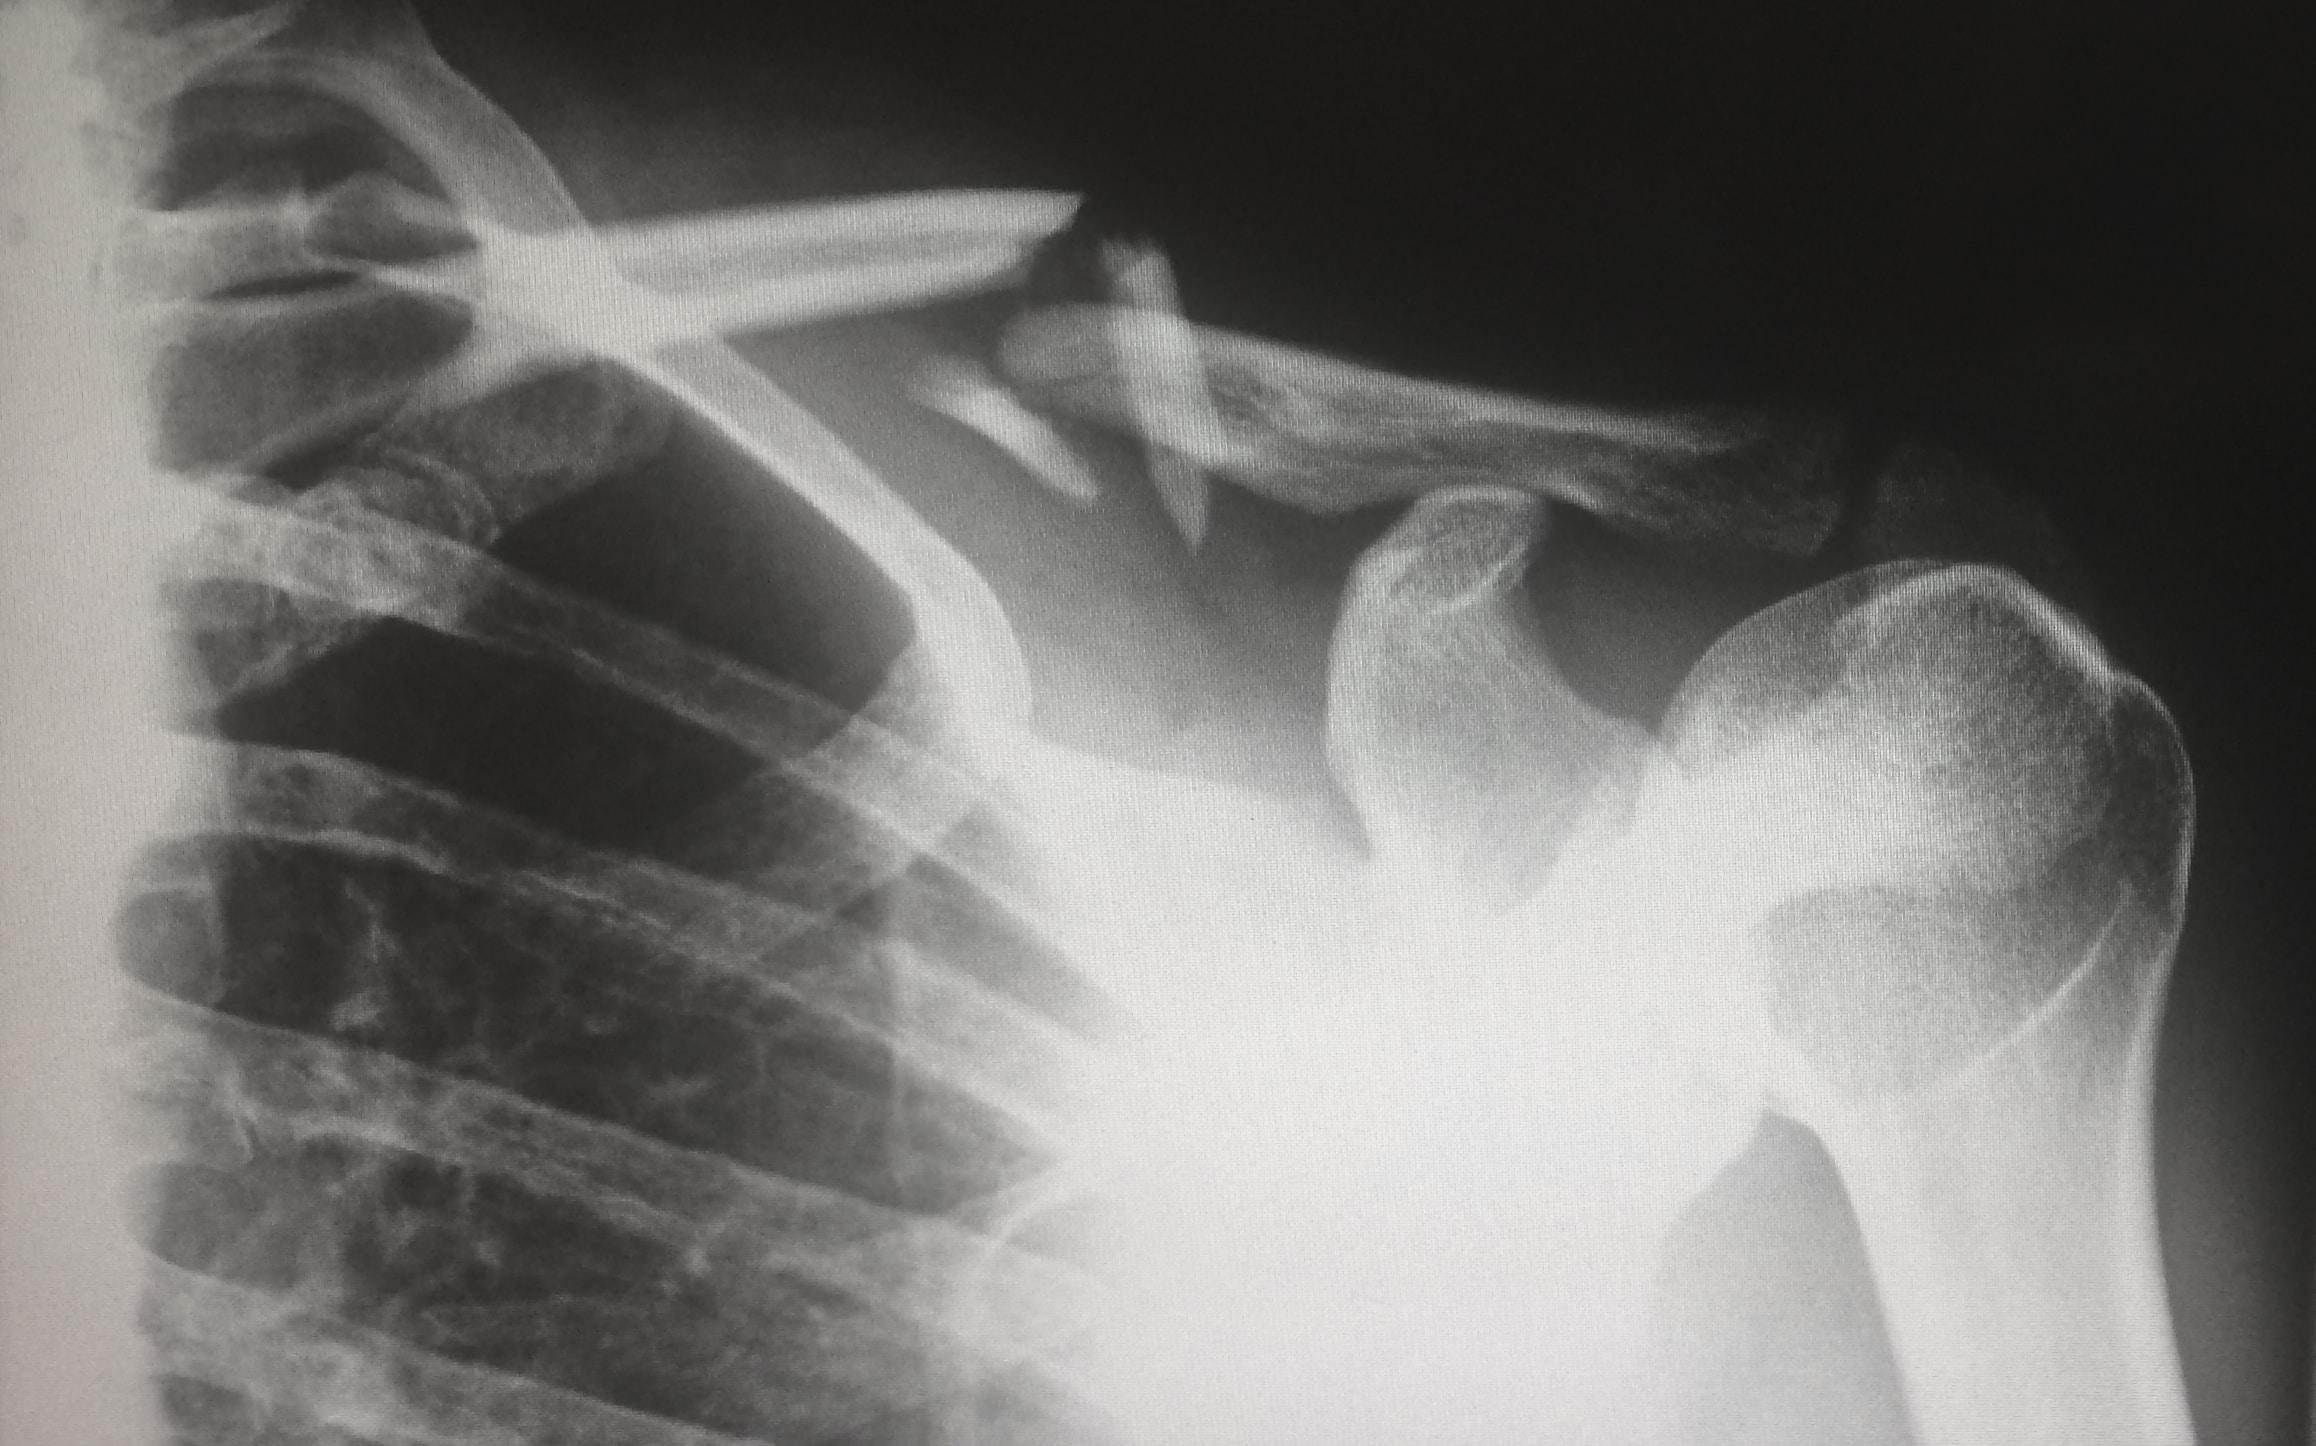 Lastra di una clavicola rotta